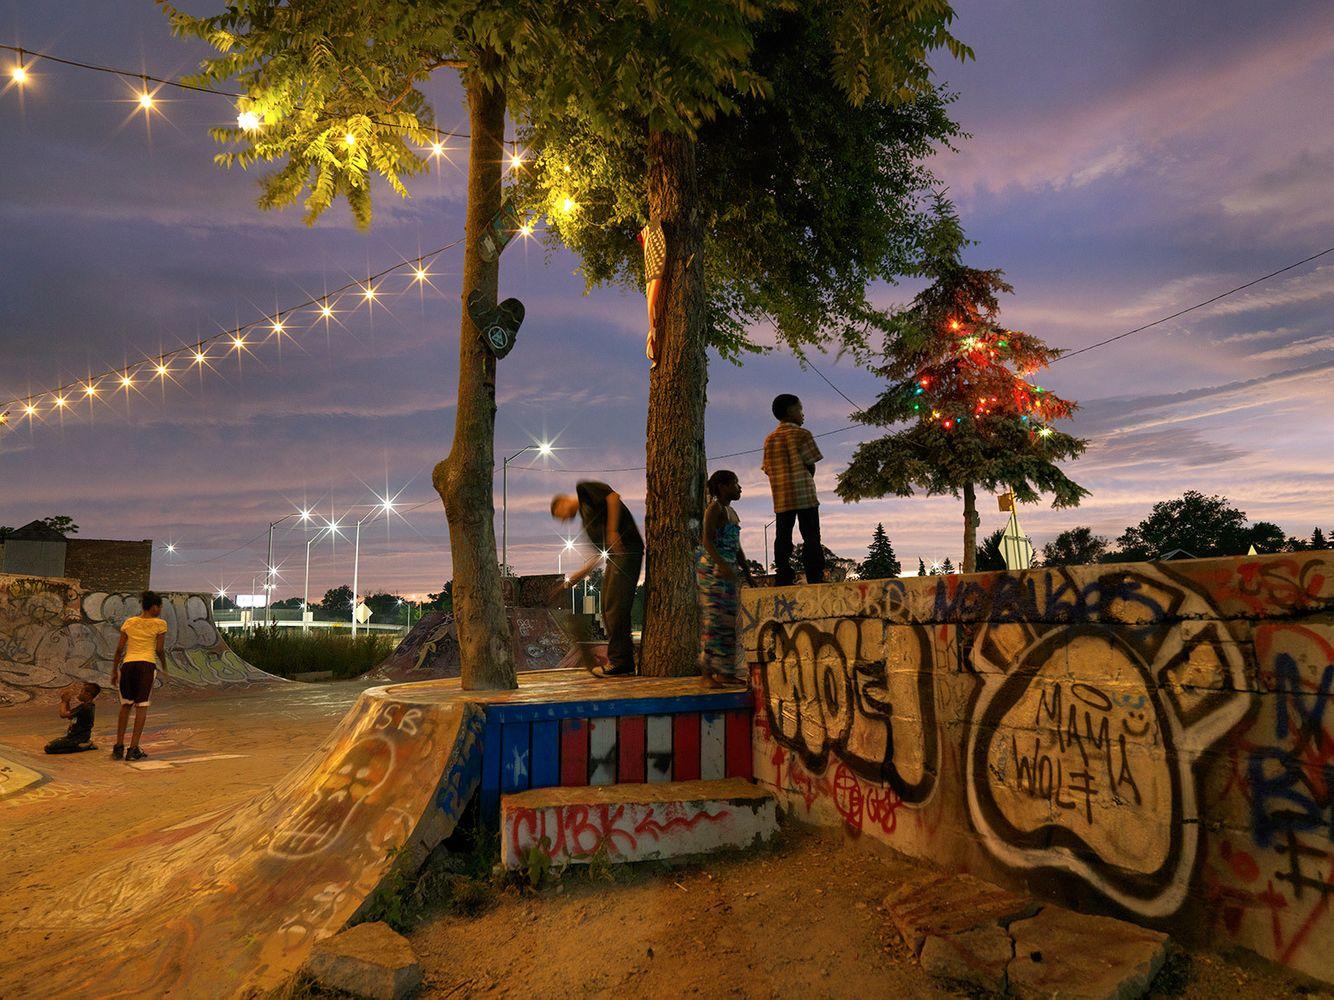 Skateboard Park, Hamtramck/Detroit 2016